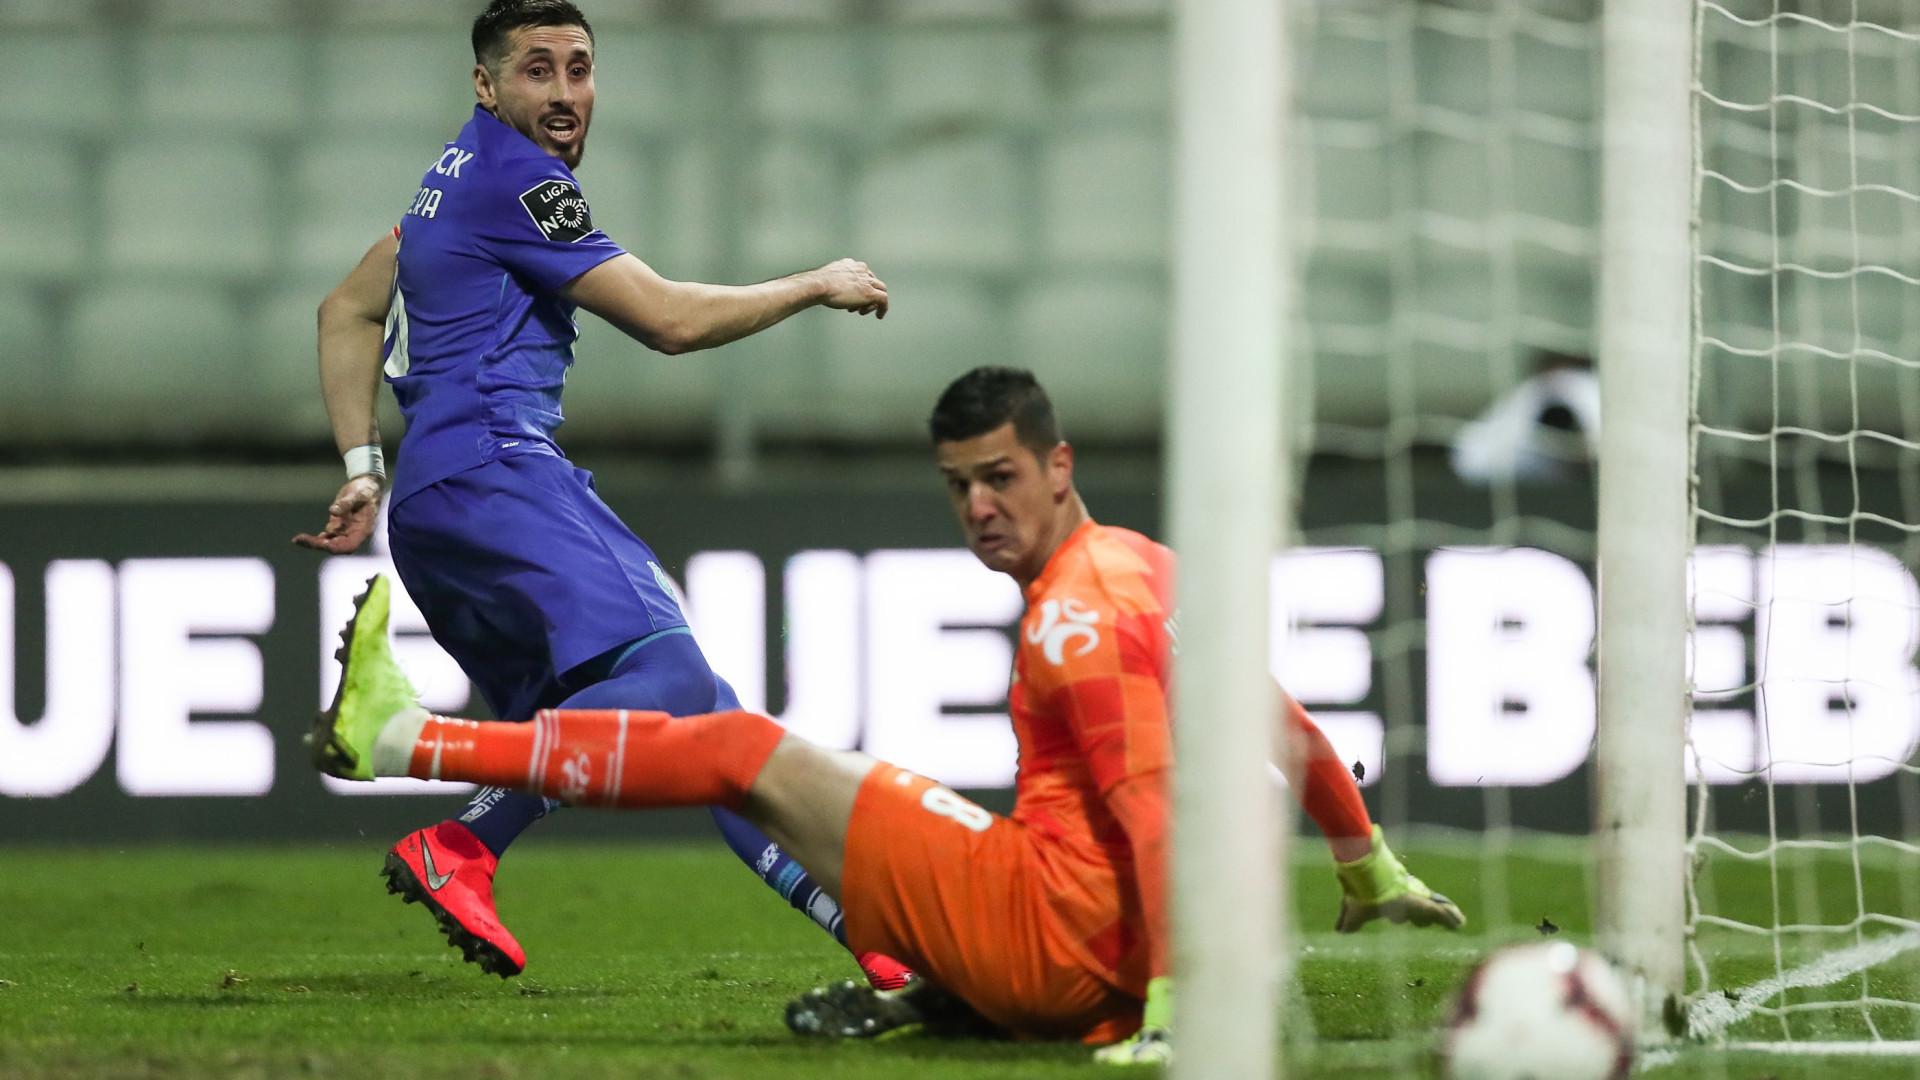 4a6736f2118ac Herrera evita derrota em Moreira de Cónegos com golo nos descontos